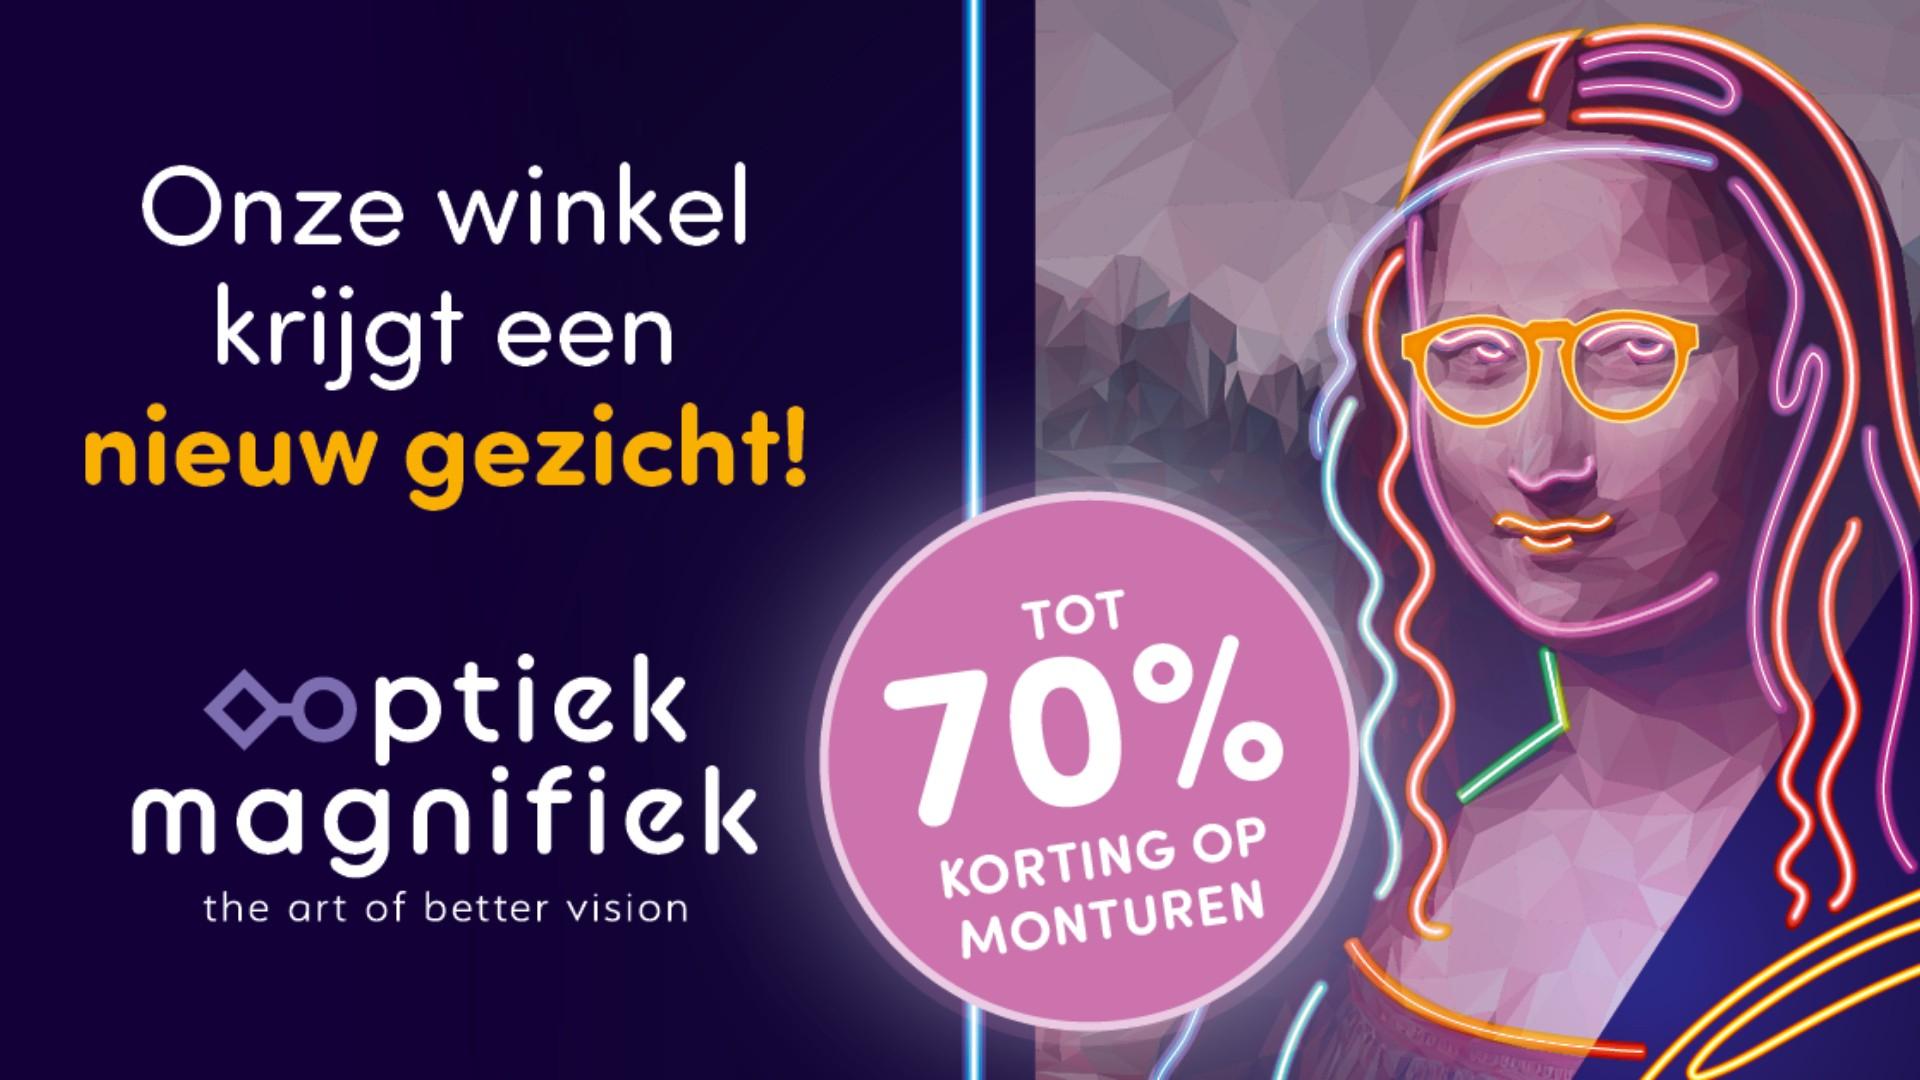 Tot 70% korting op exclusieve merkmonturen @ Optiek Magnifiek Groningen (verbouwingsopruiming) [LOKAAL]